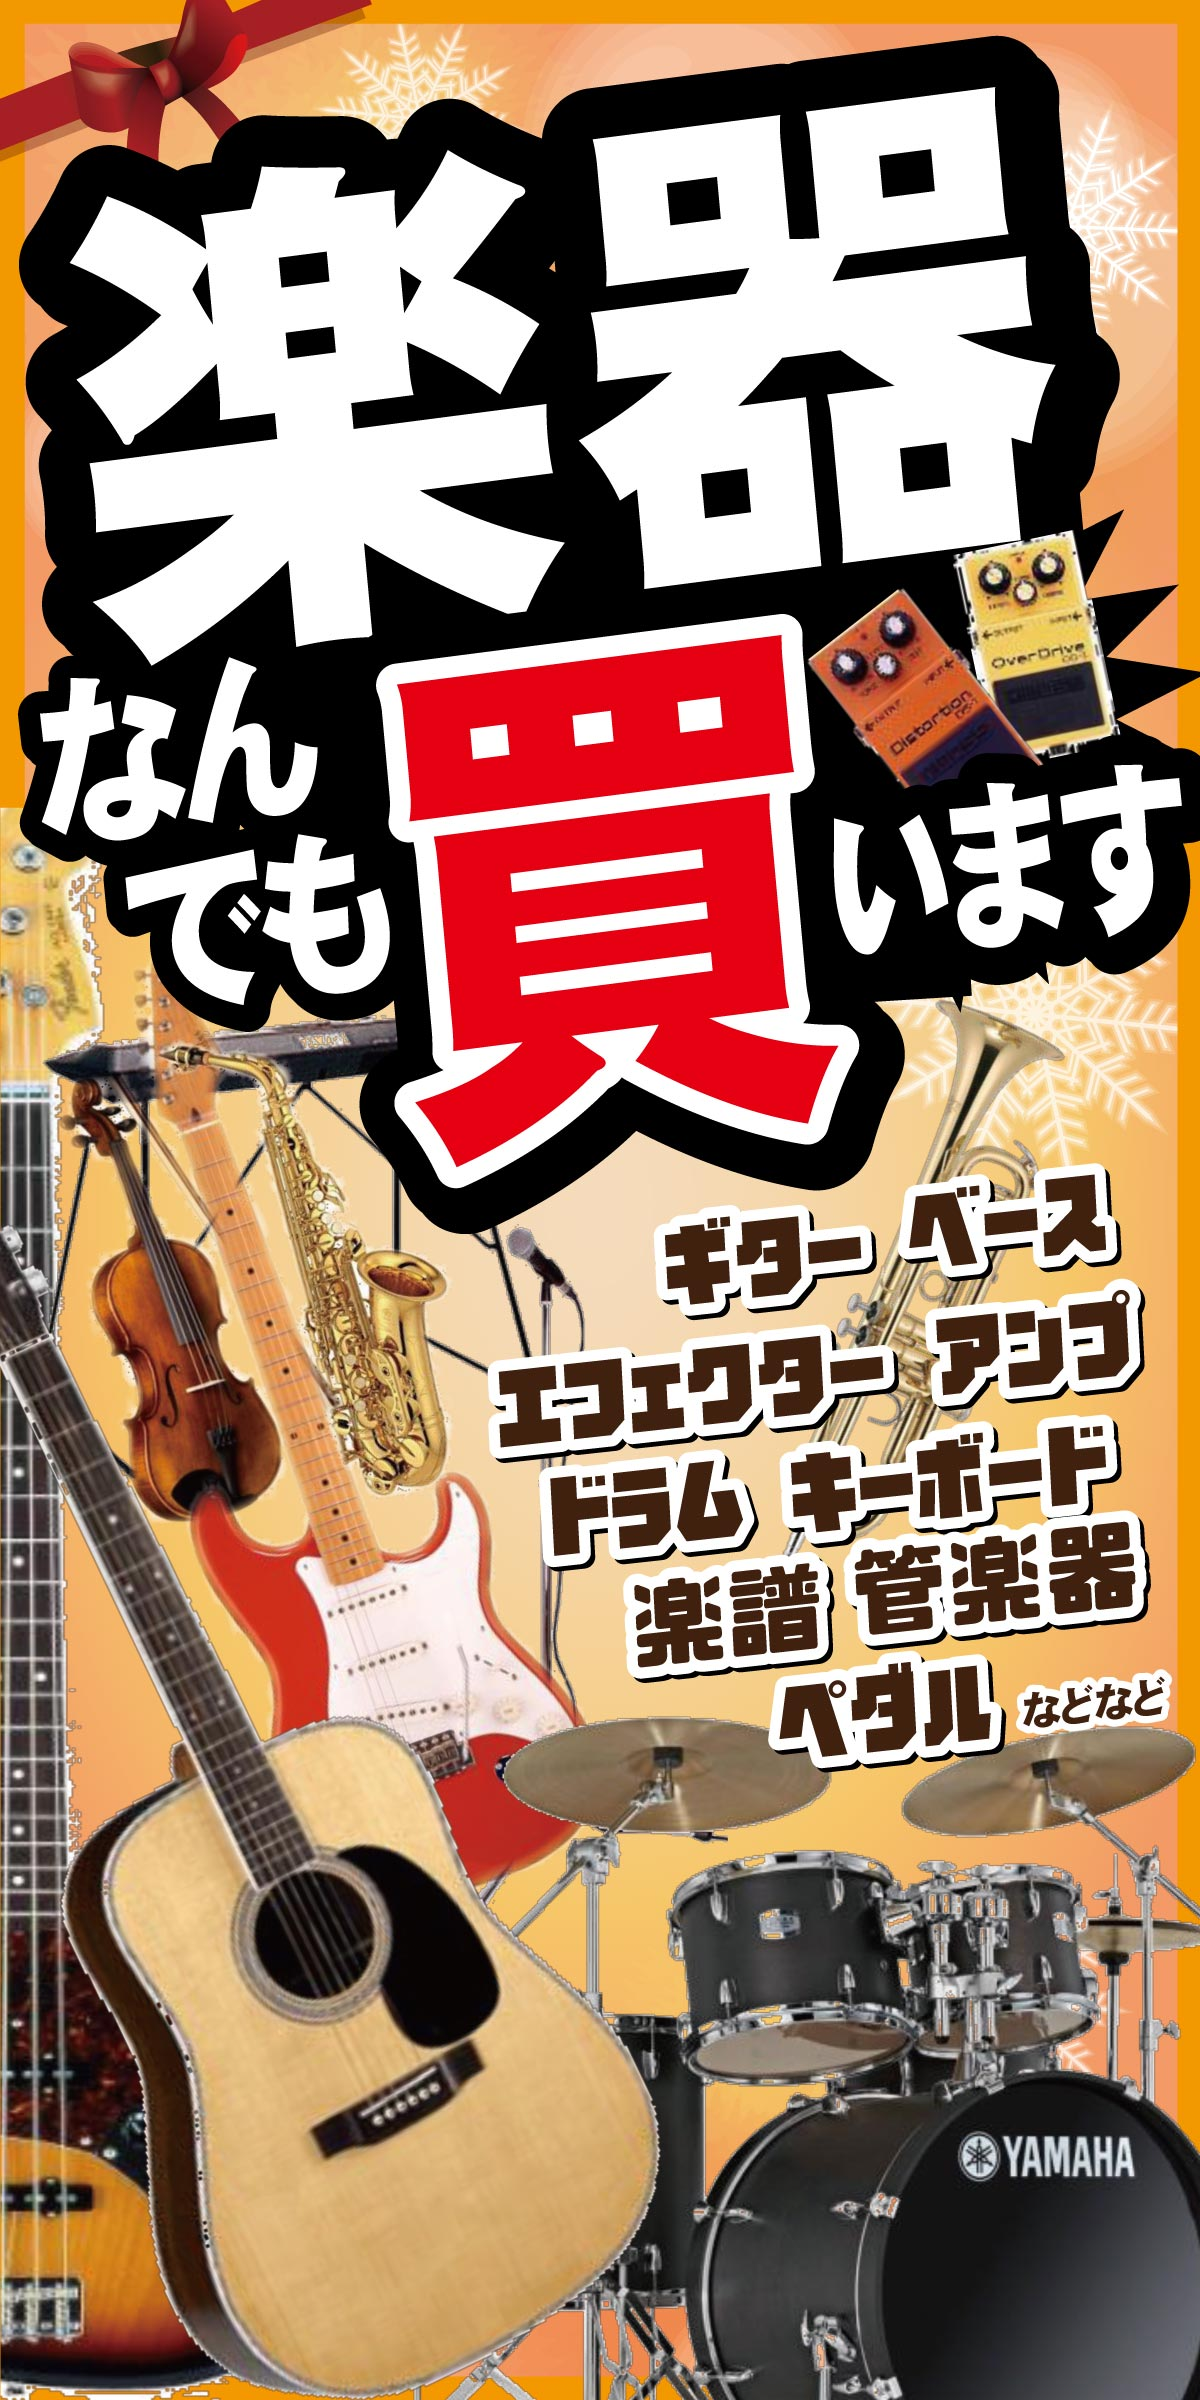 「開放倉庫山城店」古着館 <楽器なんでも買います>ギター、ベース、エフェクター、アンプ、ドラム、キーボード、楽譜、管楽器、ペダルなどなど